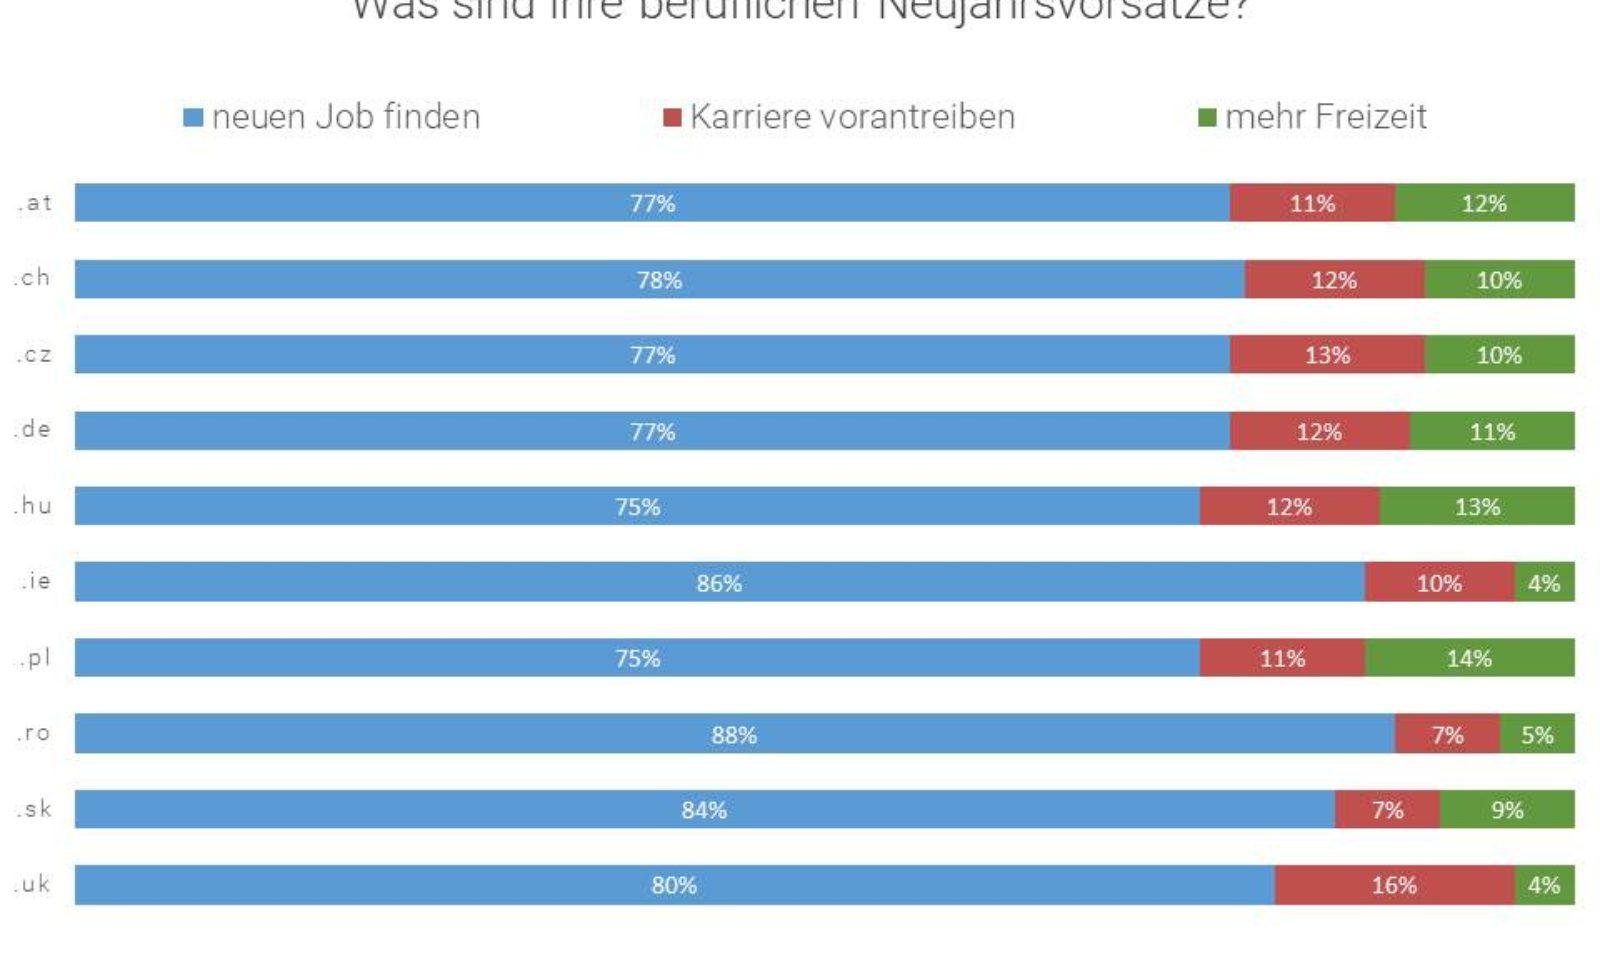 Jobswype Erhebung zeigt: Wichtigster beruflicher Vorsatz zum Jahreswechsel ist ein neuer Job